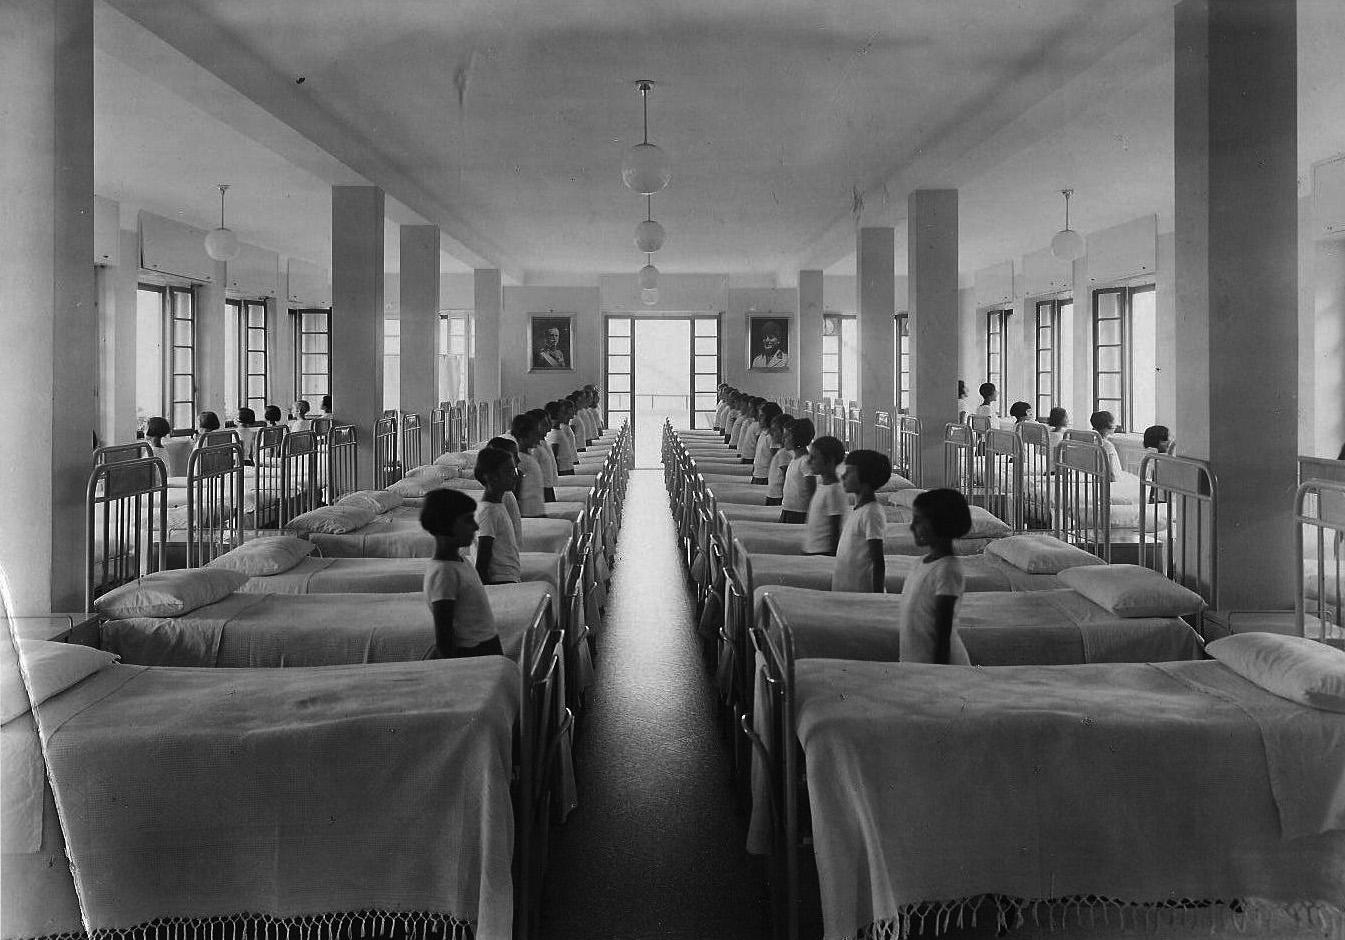 Interno di Sciesopoli - Il dormitorio negli anni Trenta